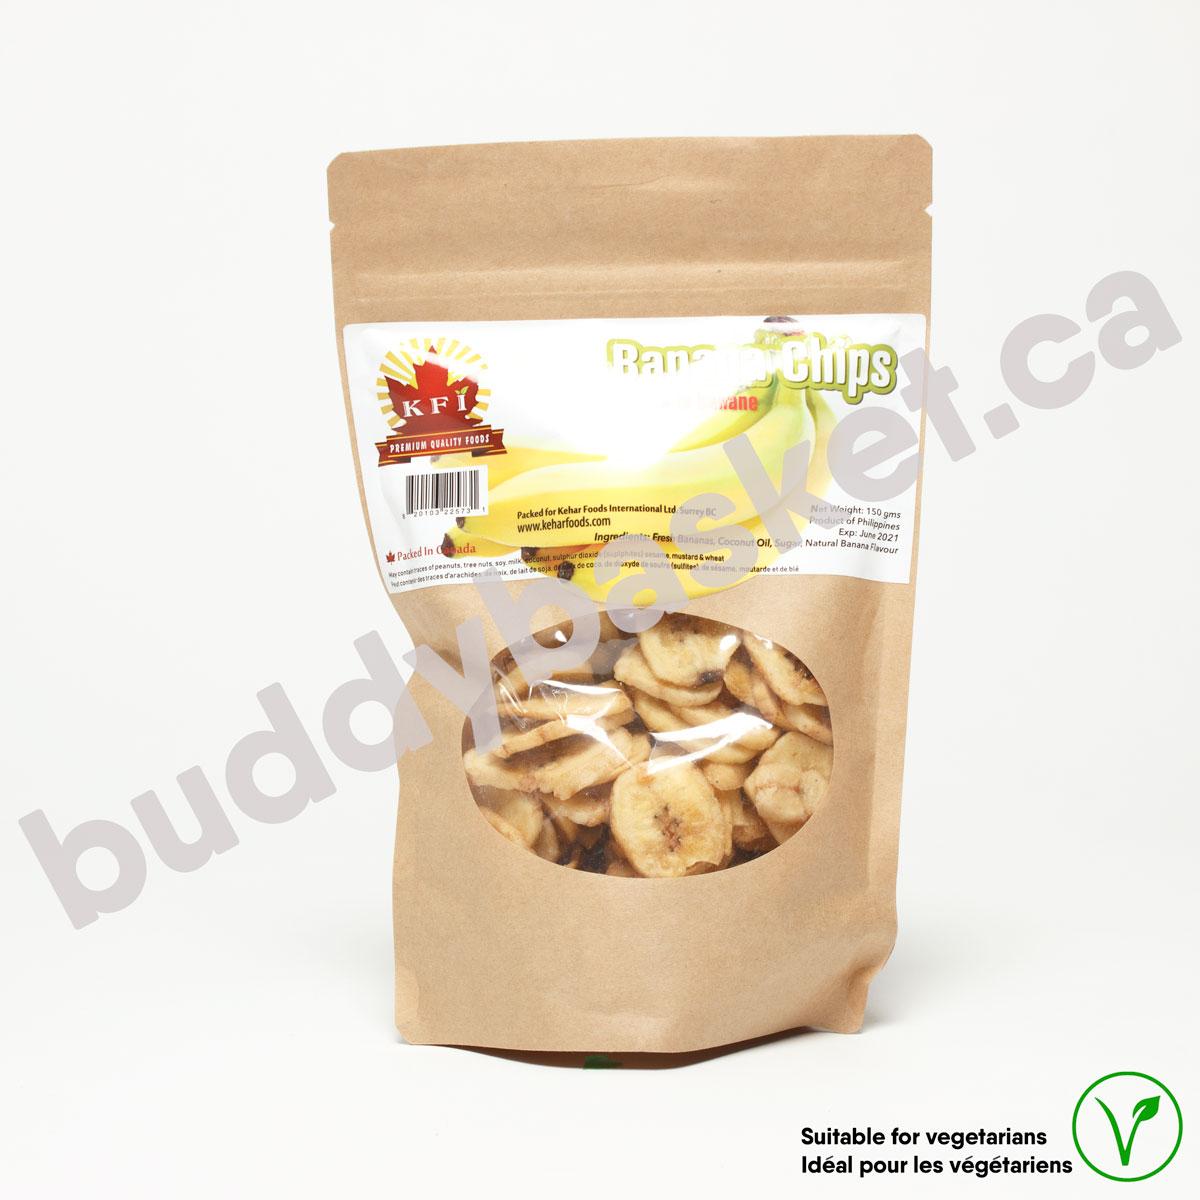 KFI Banana Chip Sweetened 150g